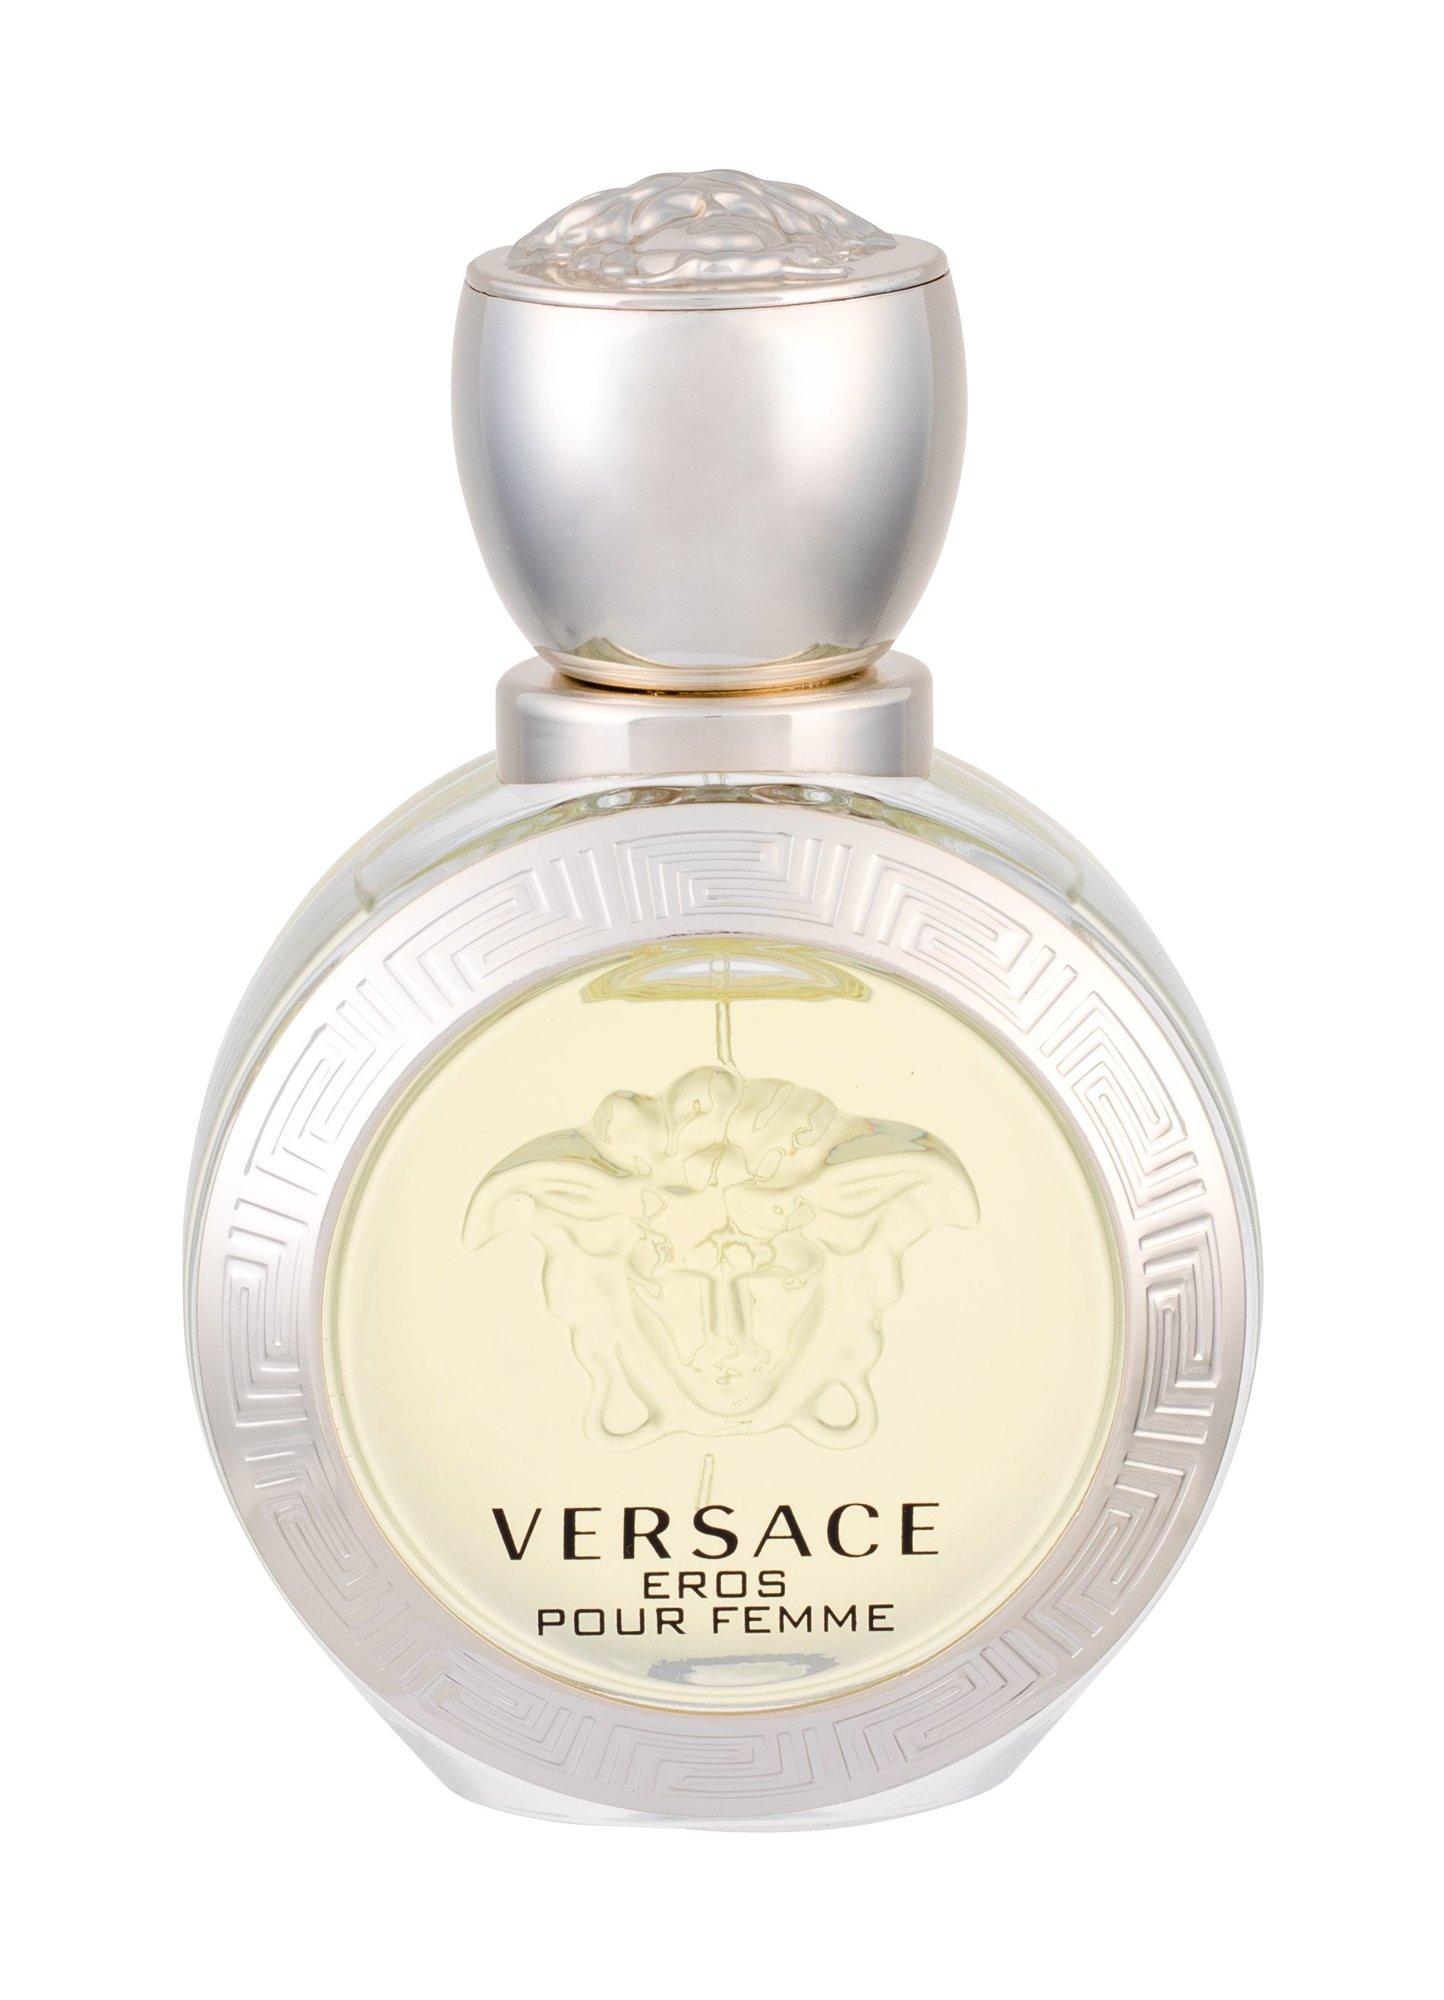 Versace Eros Pour Femme Deodorant 50ml